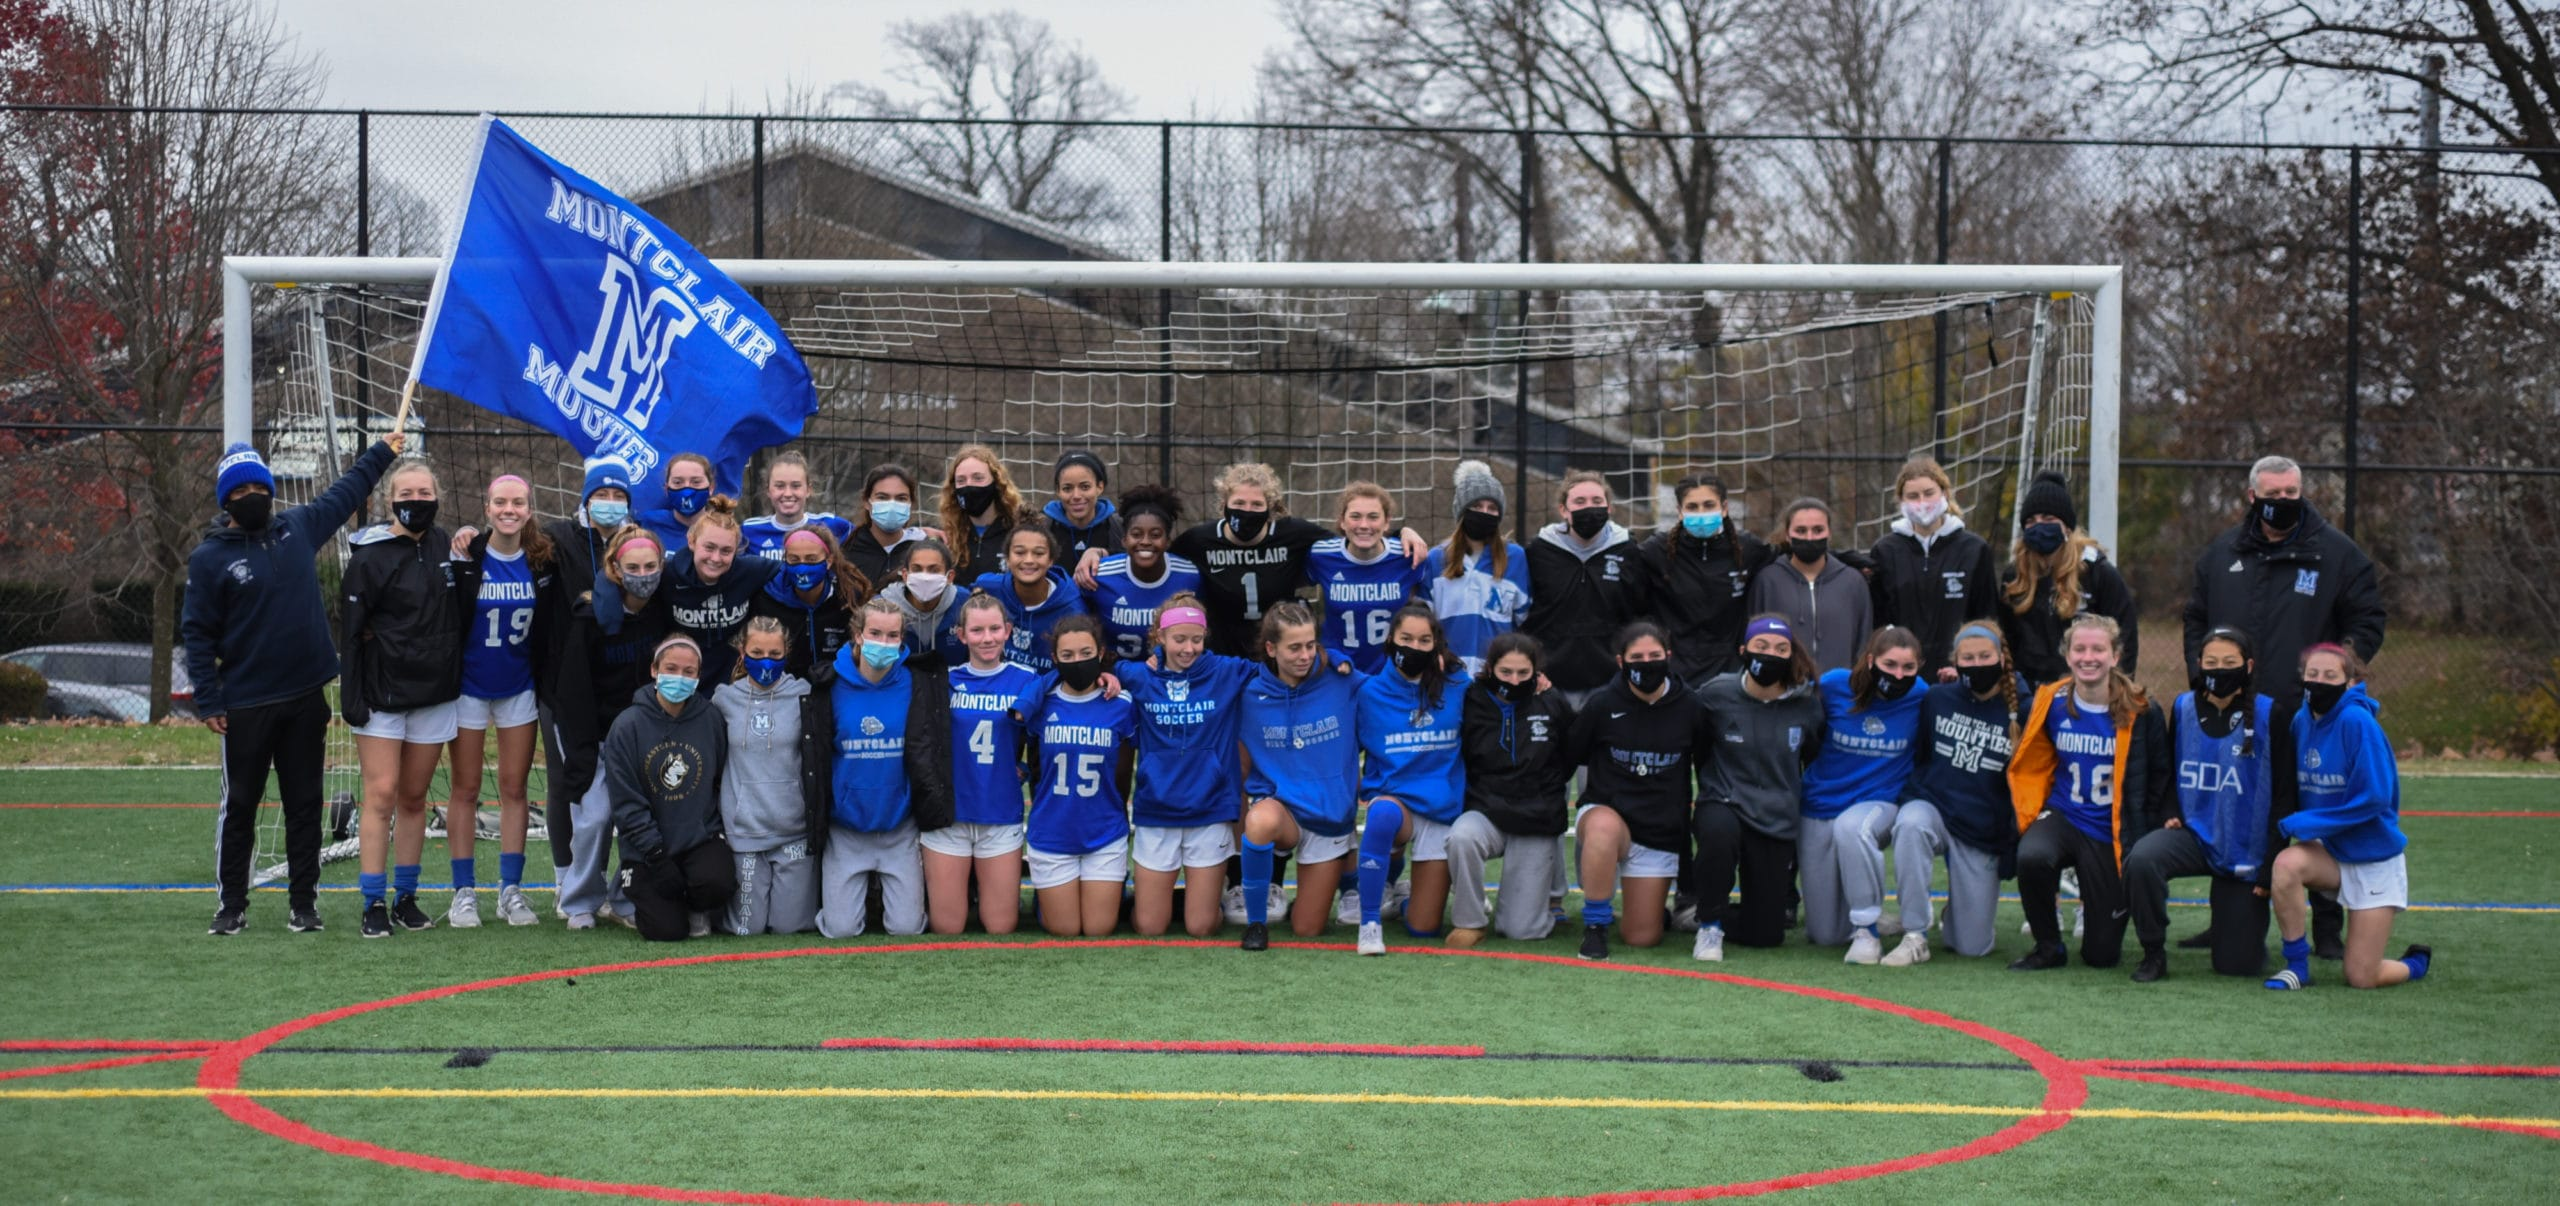 MHS girls' soccer team photo